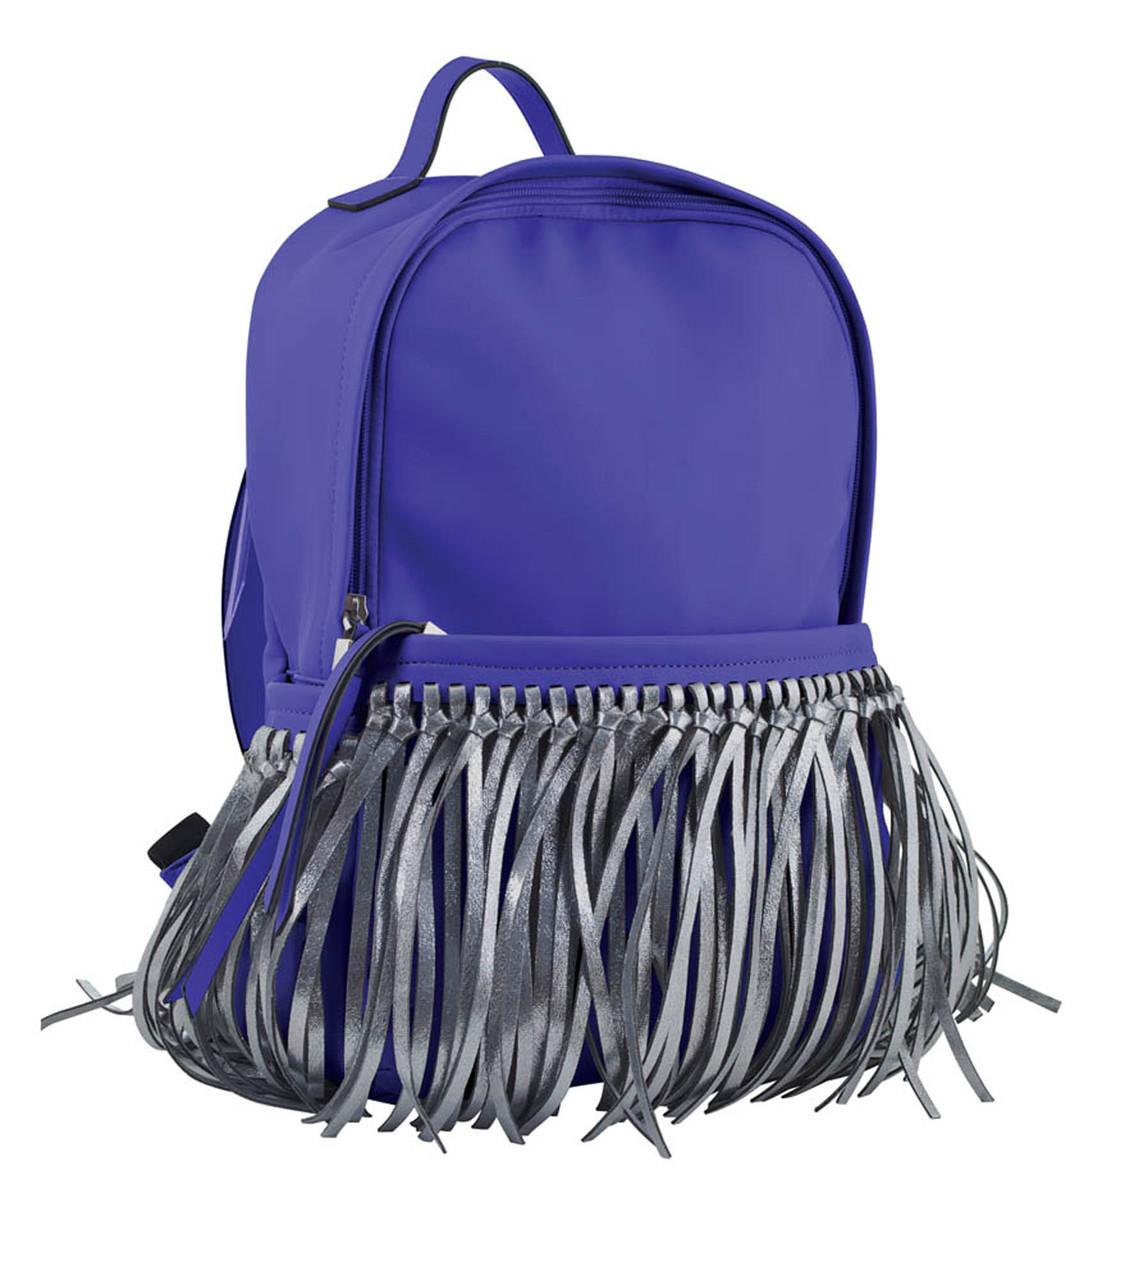 Сумка-рюкзак, синяя с бахромой, 36*26*11 - БебиТТо в Одессе